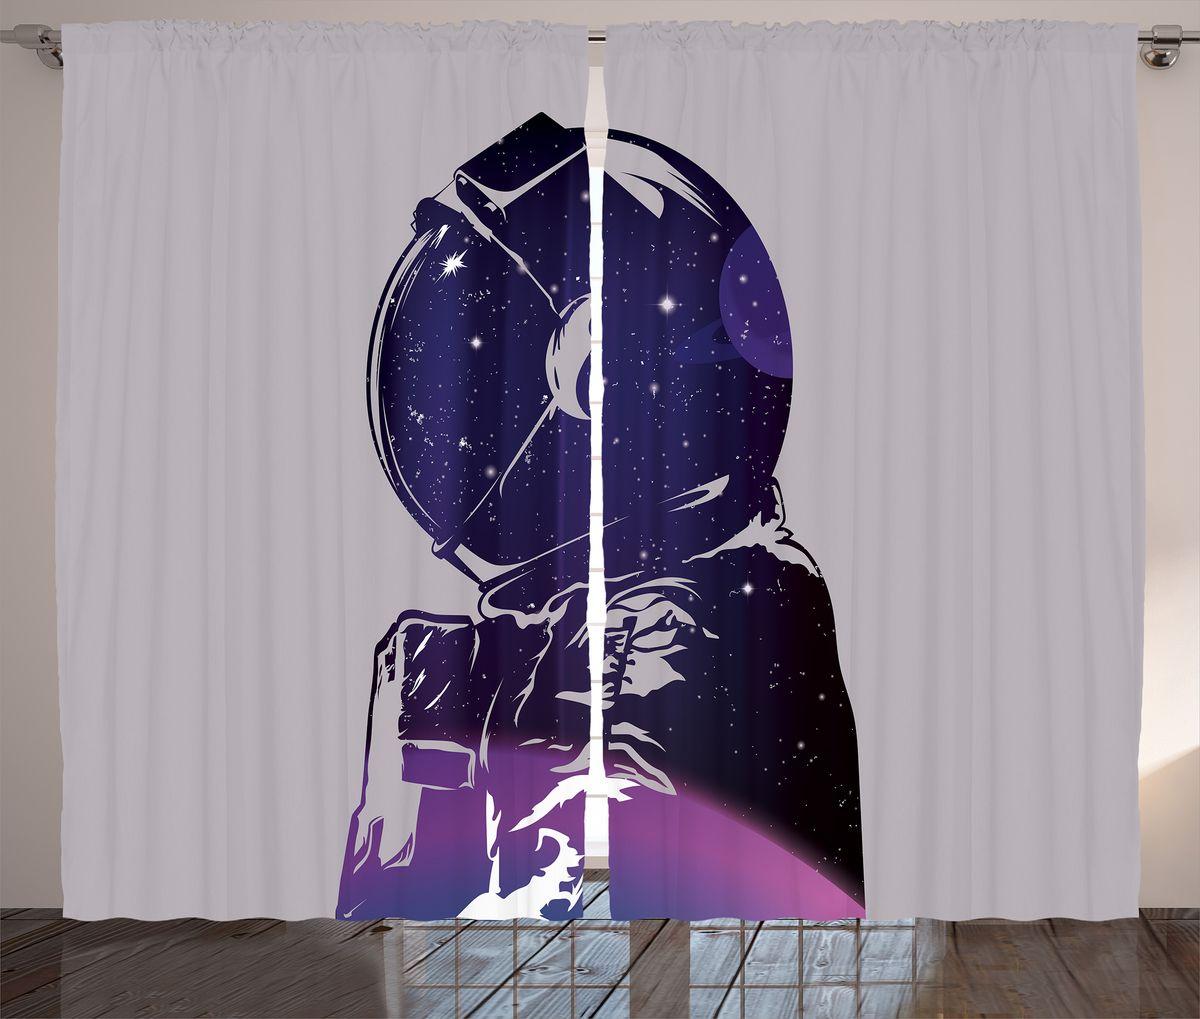 Комплект фотоштор Magic Lady Силуэт космонавта с планетой и звездами, на ленте, высота 265 см. шсг_19938шсг_19938Компания Сэмболь изготавливает шторы из высококачественного сатена (полиэстер 100%). При изготовлении используются специальные гипоаллергенные чернила для прямой печати по ткани, безопасные для человека и животных. Экологичность продукции Magic lady и безопасность для окружающей среды подтверждены сертификатом Oeko-Tex Standard 100. Крепление: крючки для крепления на шторной ленте (50 шт). Возможно крепление на трубу. Внимание! При нанесении сублимационной печати на ткань технологическим методом при температуре 240°С, возможно отклонение полученных размеров (указанных на этикетке и сайте) от стандартных на + - 3-5 см. Производитель старается максимально точно передать цвета изделия на фотографиях, однако искажения неизбежны и фактический цвет изделия может отличаться от воспринимаемого по фото. Обратите внимание! Шторы изготовлены из полиэстра сатенового переплетения, а не из сатина (хлопок). Размер одного полотна шторы: 145х265 см. В комплекте 2...